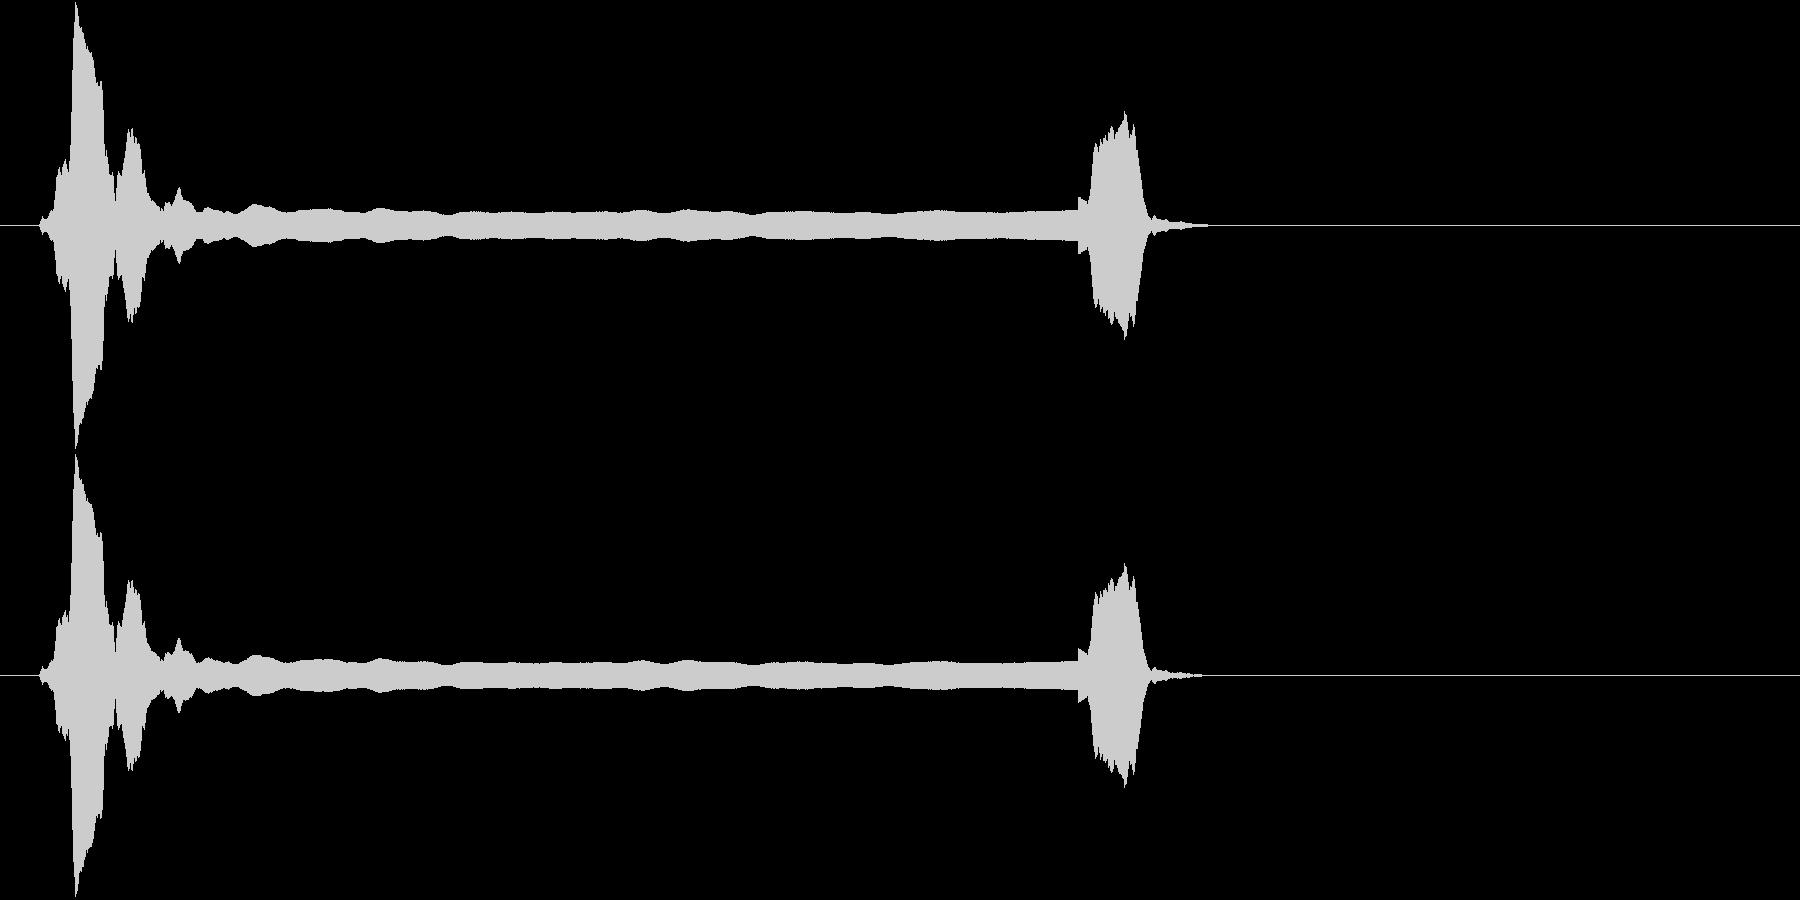 音侍SE「ピィーピッ」能管ひしぎ長さ普通の未再生の波形